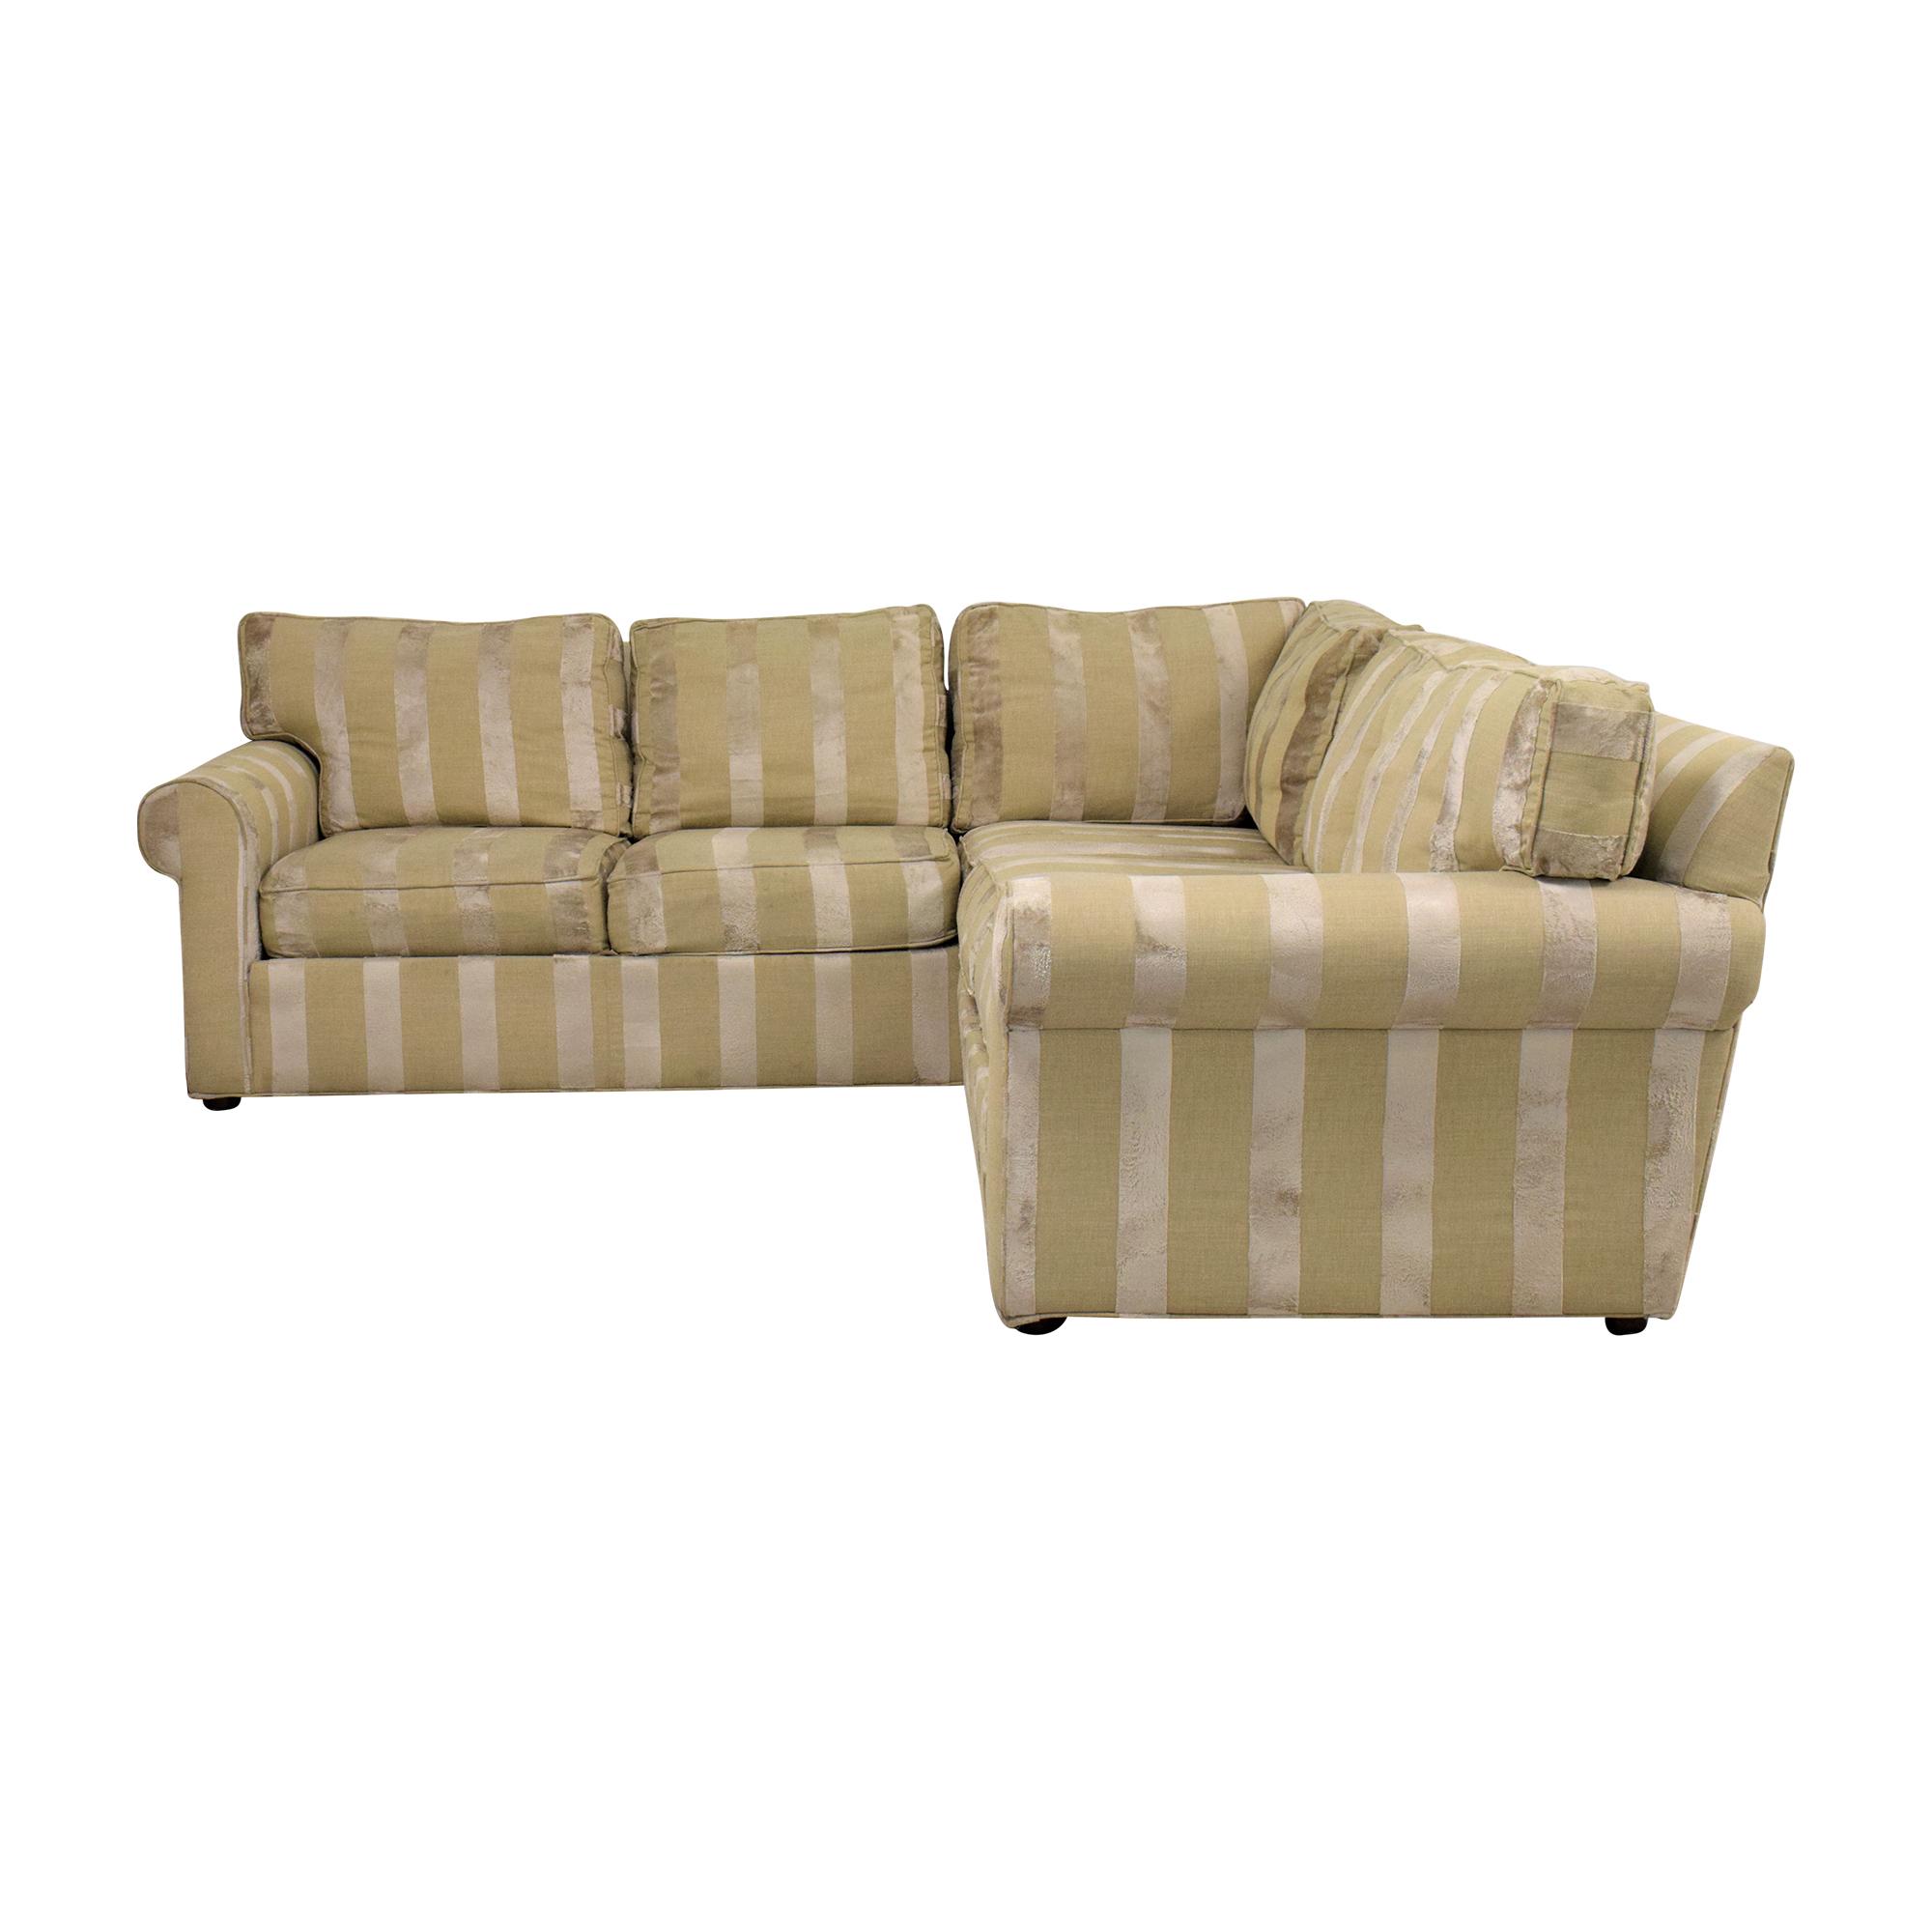 Ethan Allen Ethan Allen Bennet Sectional Sofa tan